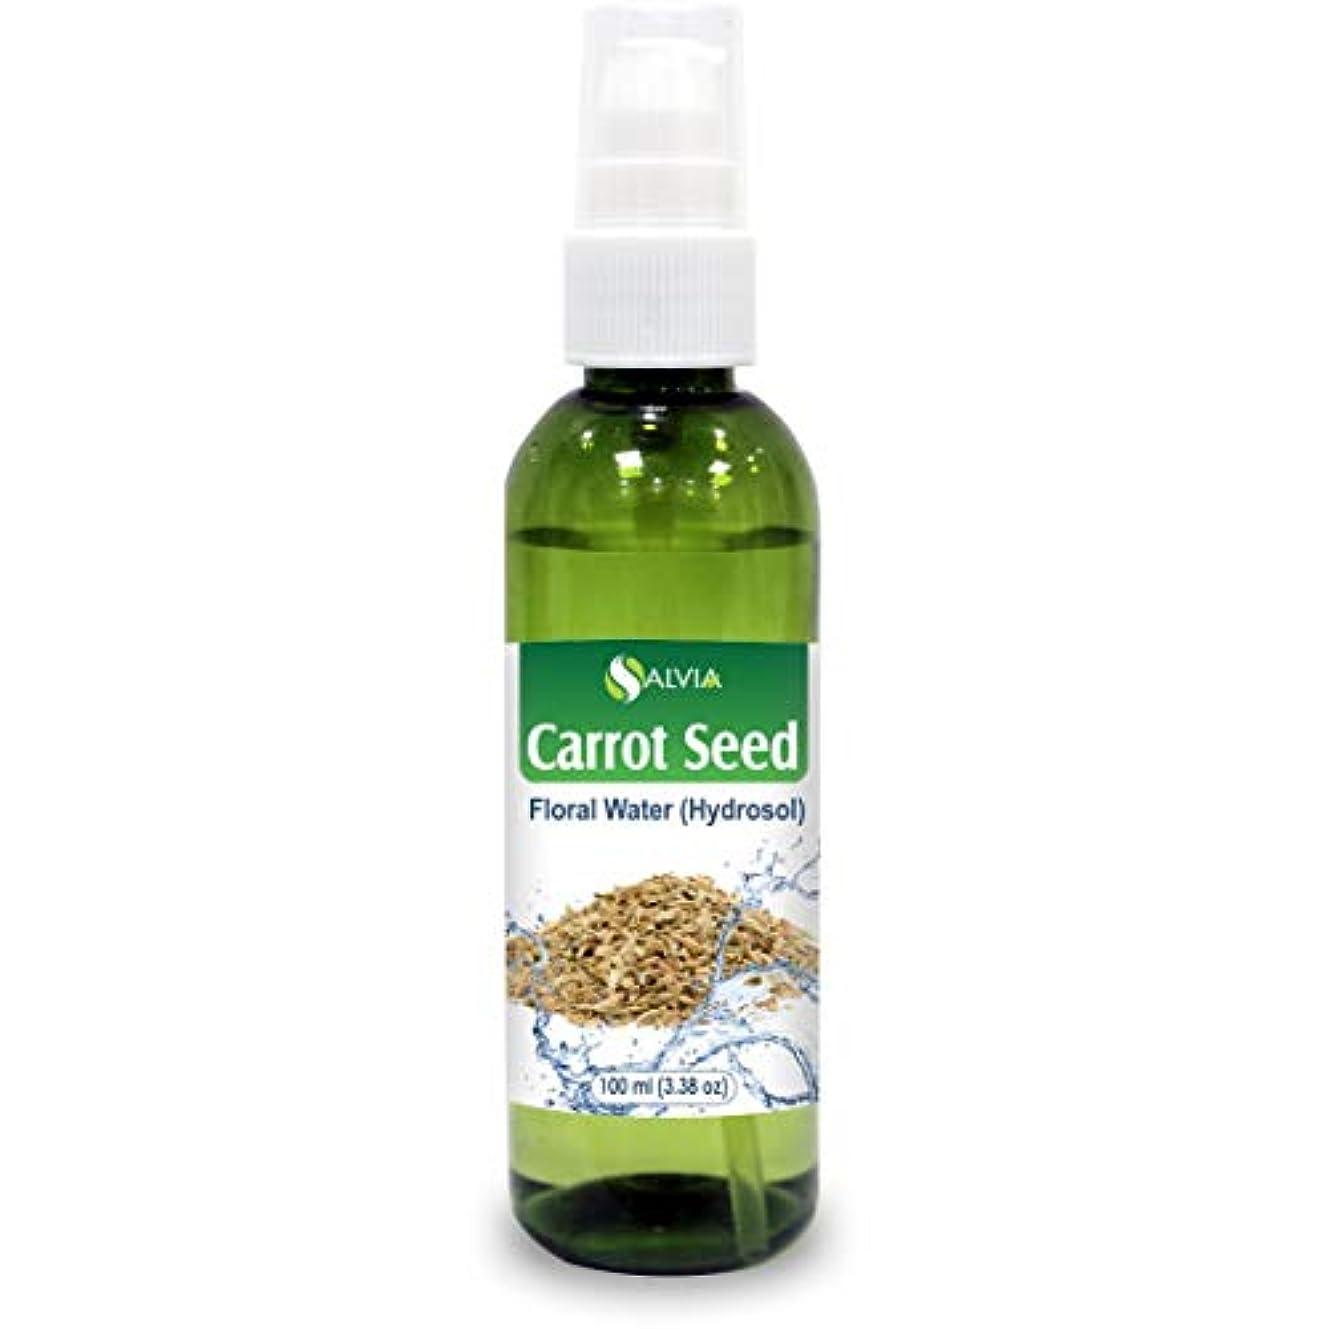 女将ごめんなさいワークショップCarrot Seed Floral Water Floral Water 100ml (Hydrosol) 100% Pure And Natural